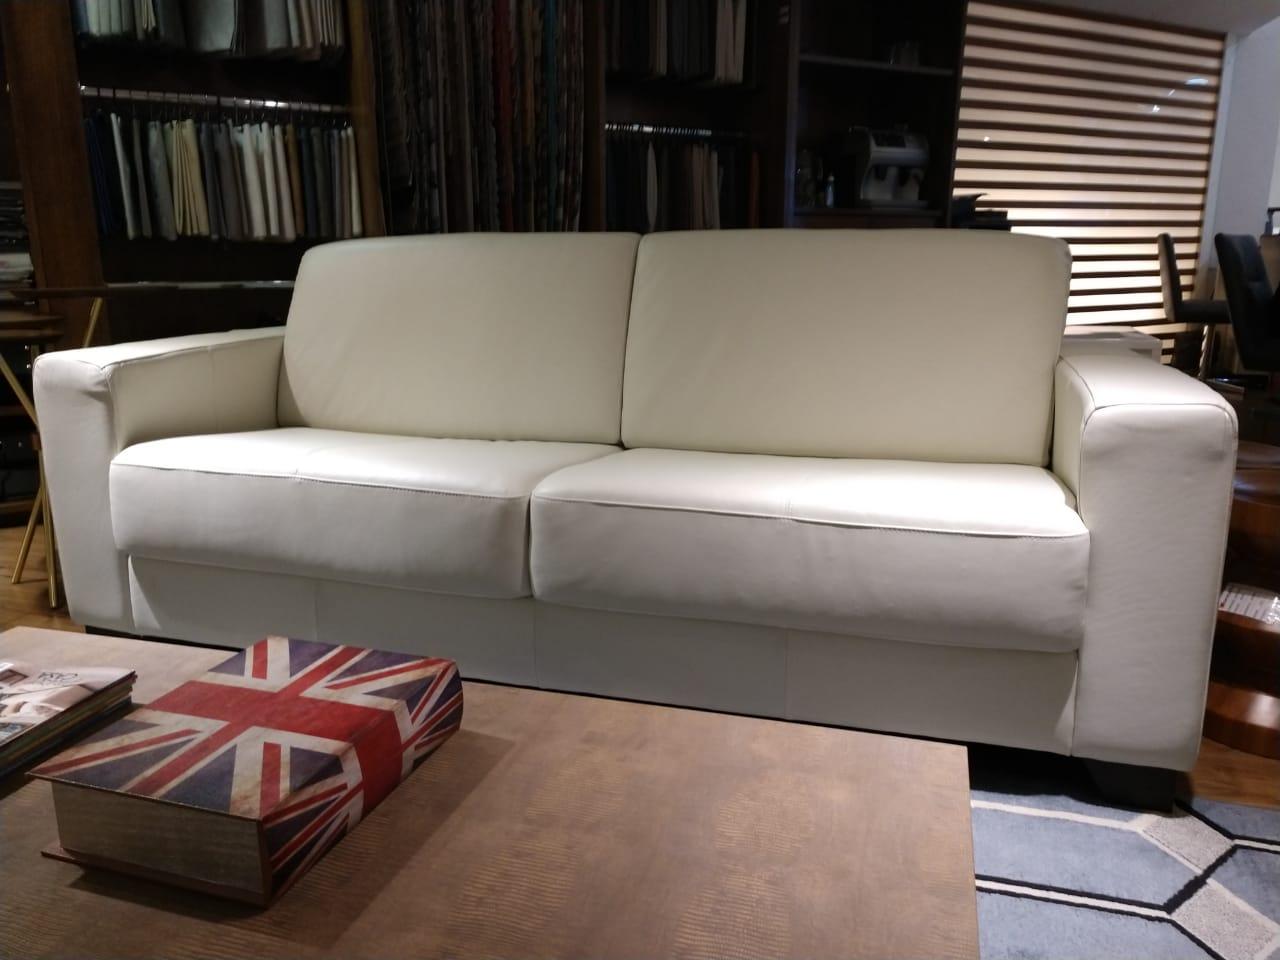 Sofá 3 lugares de Couro 205 cm - Napoli Branco